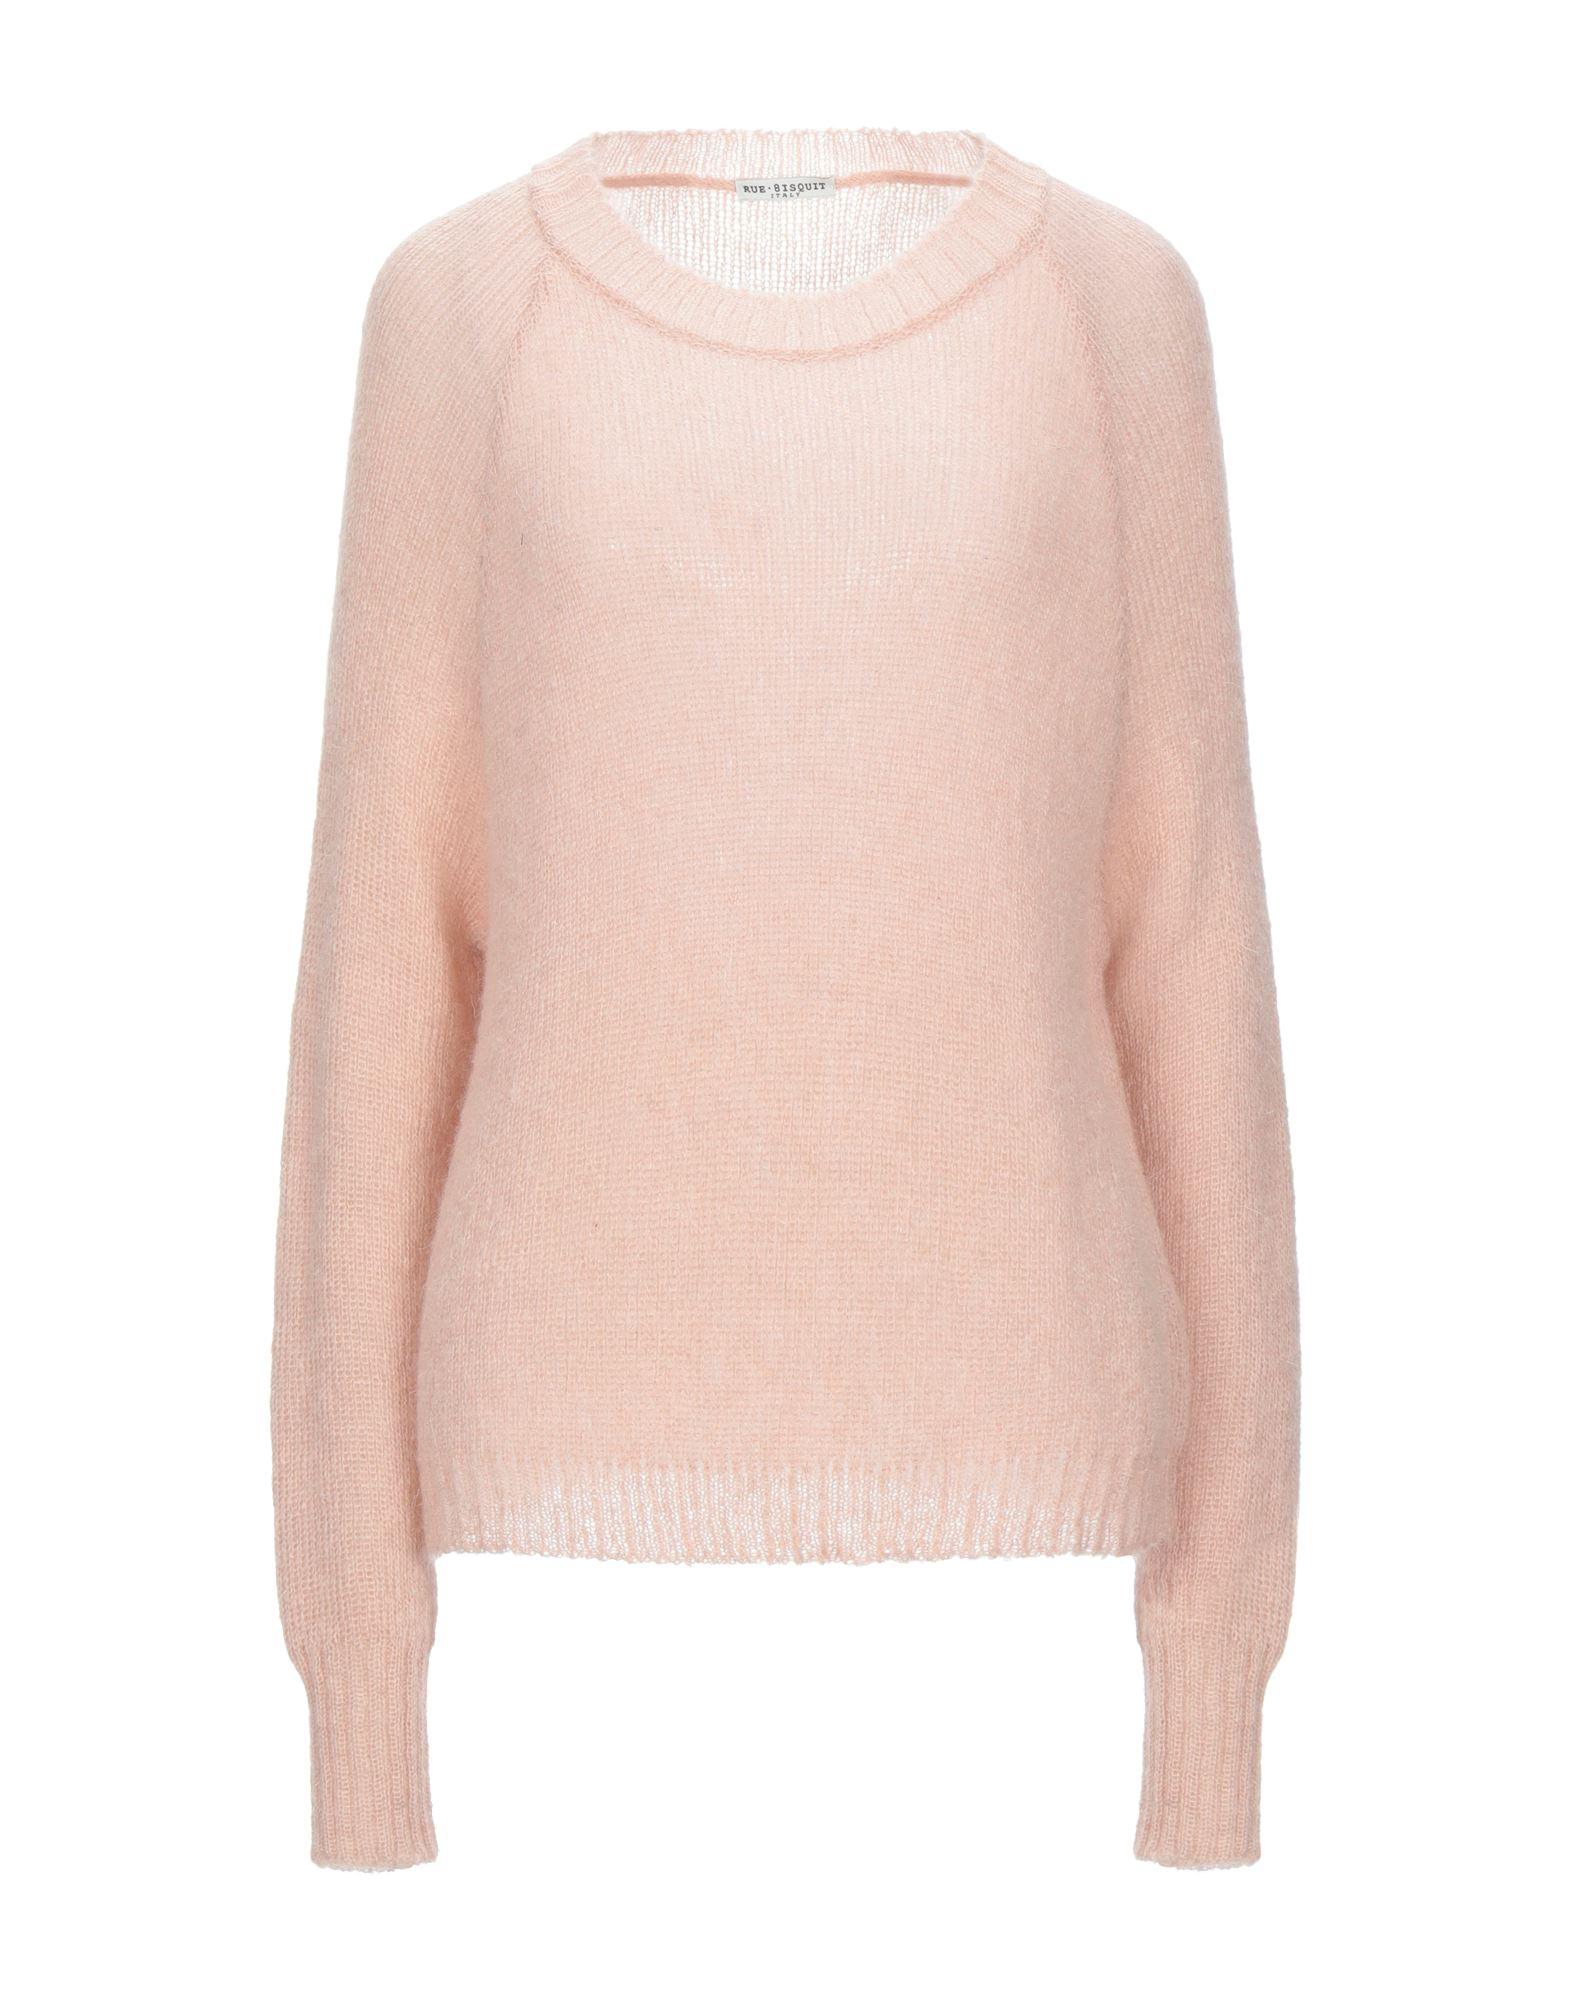 RUE 8ISQUIT Sweaters - Item 14102321